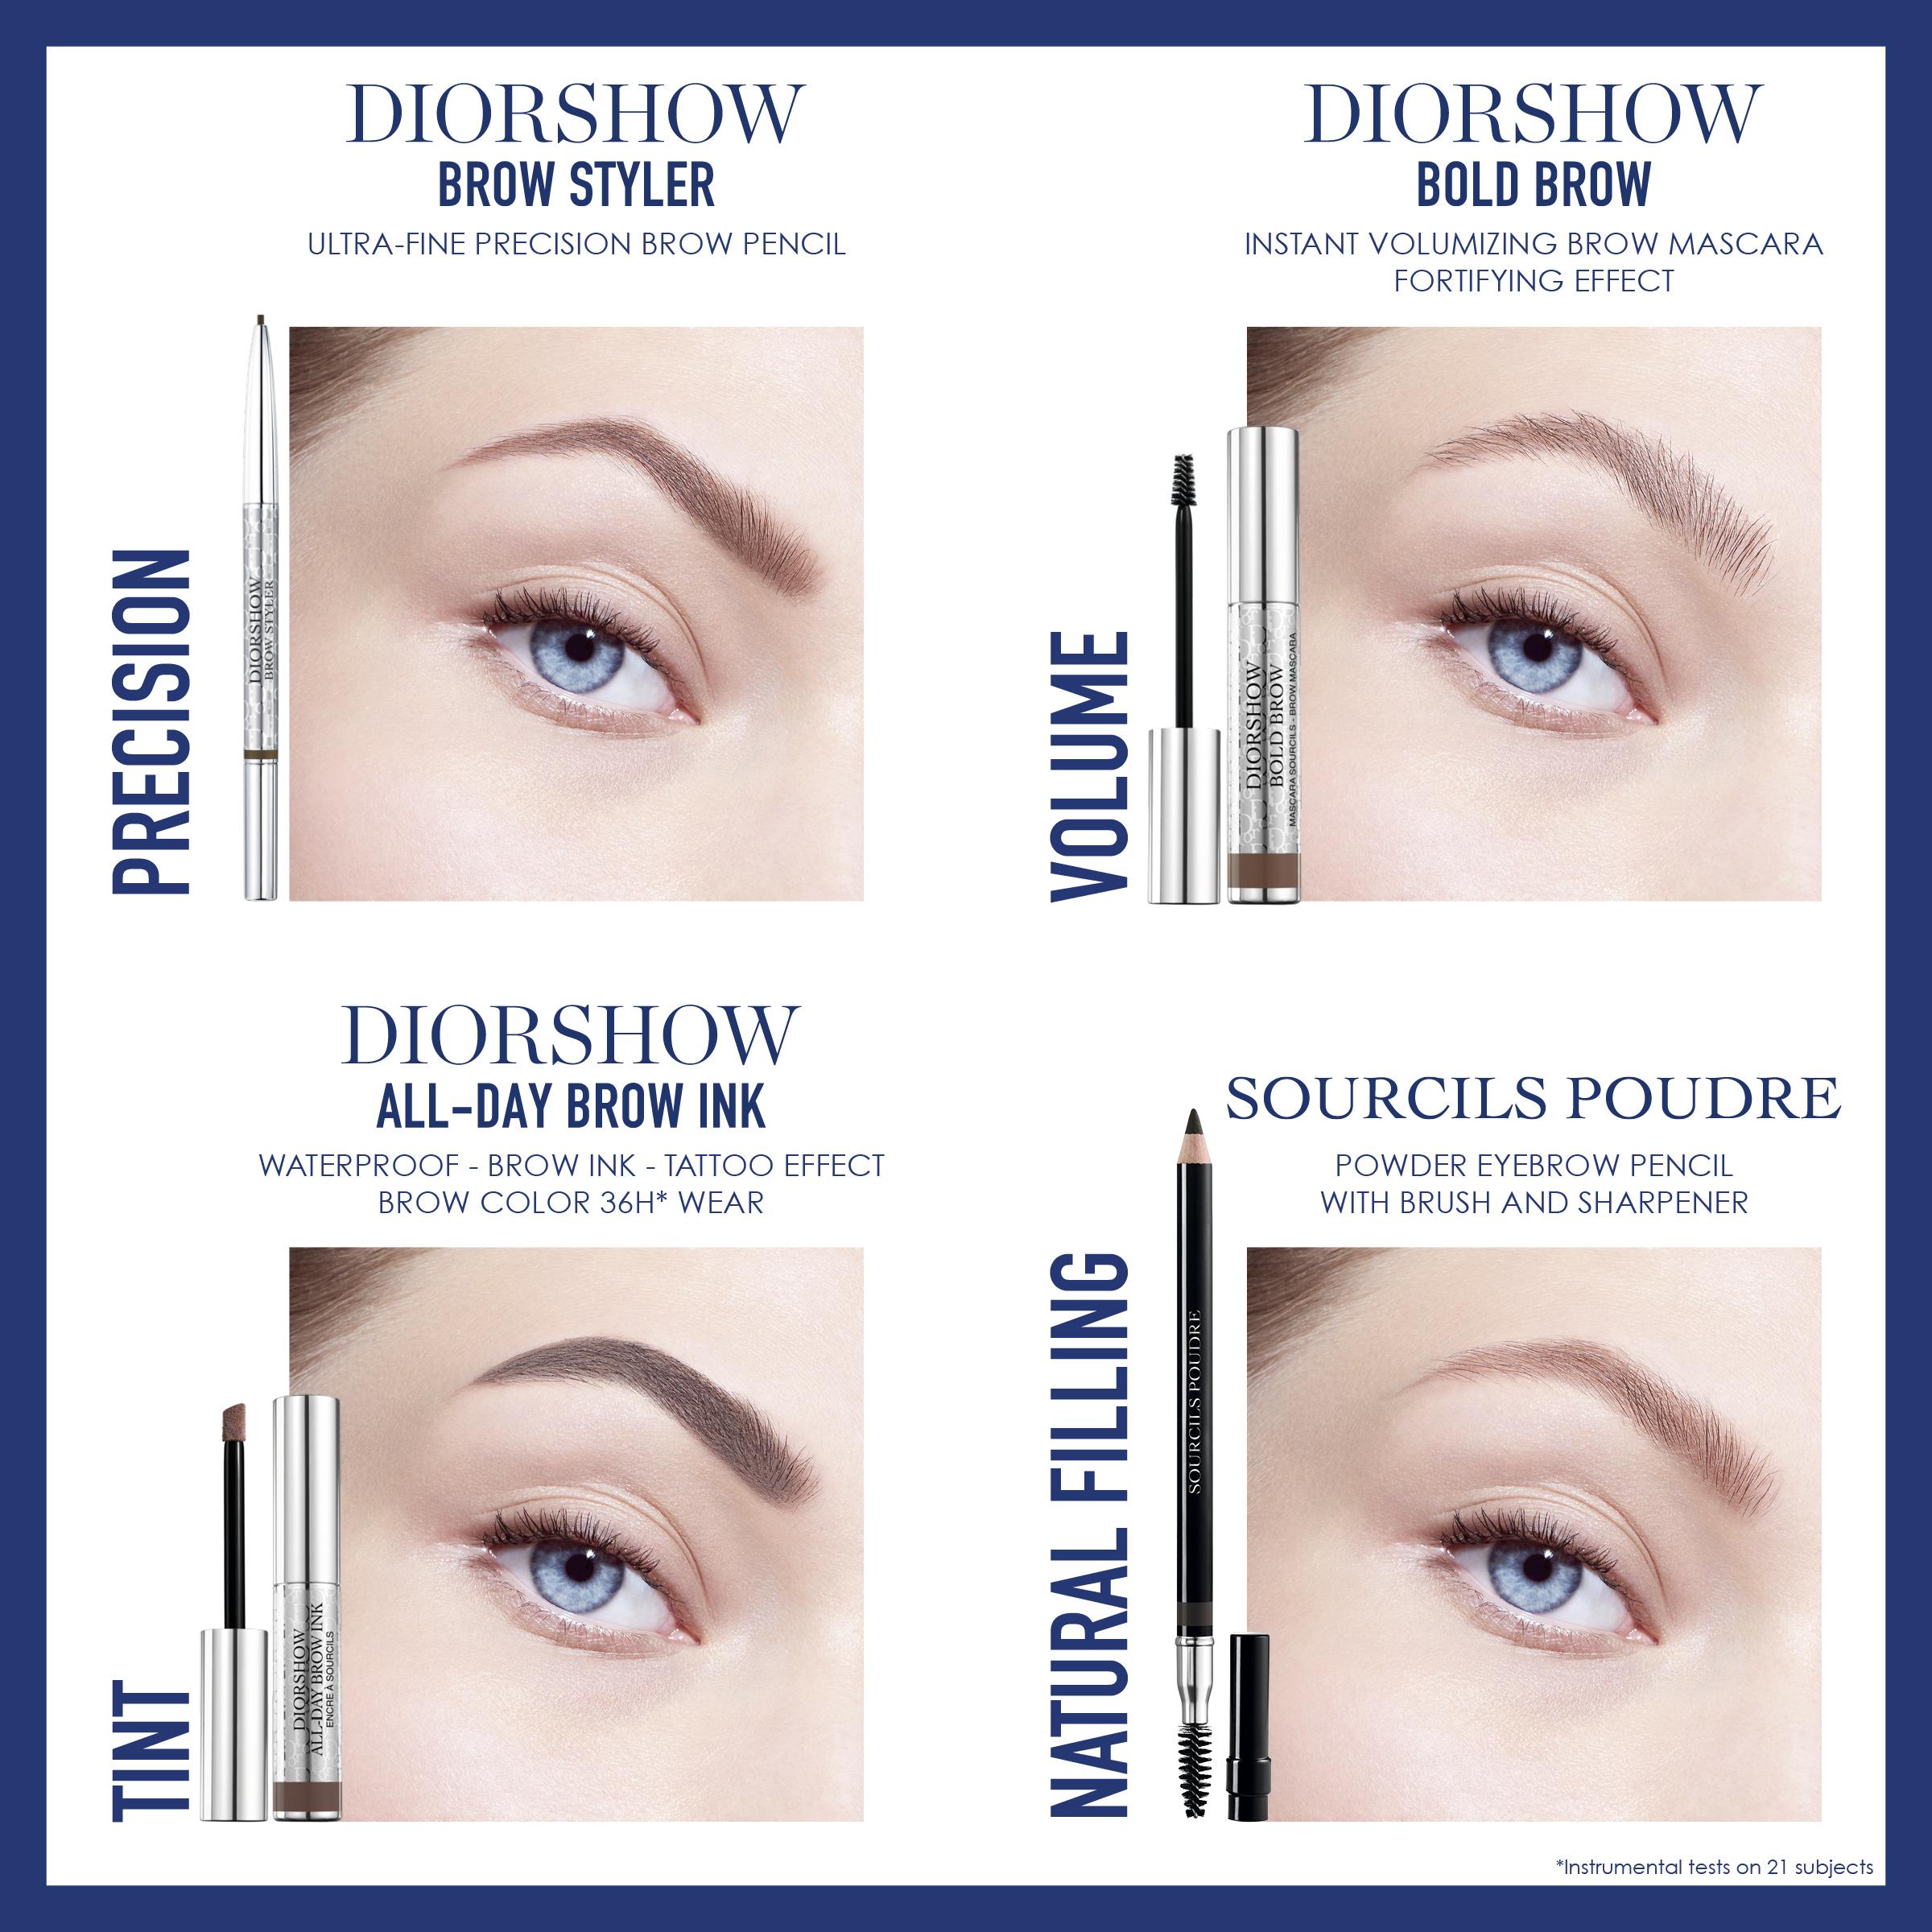 DIOR Diorshow Brow Styler, 002 Universal Dark Brown